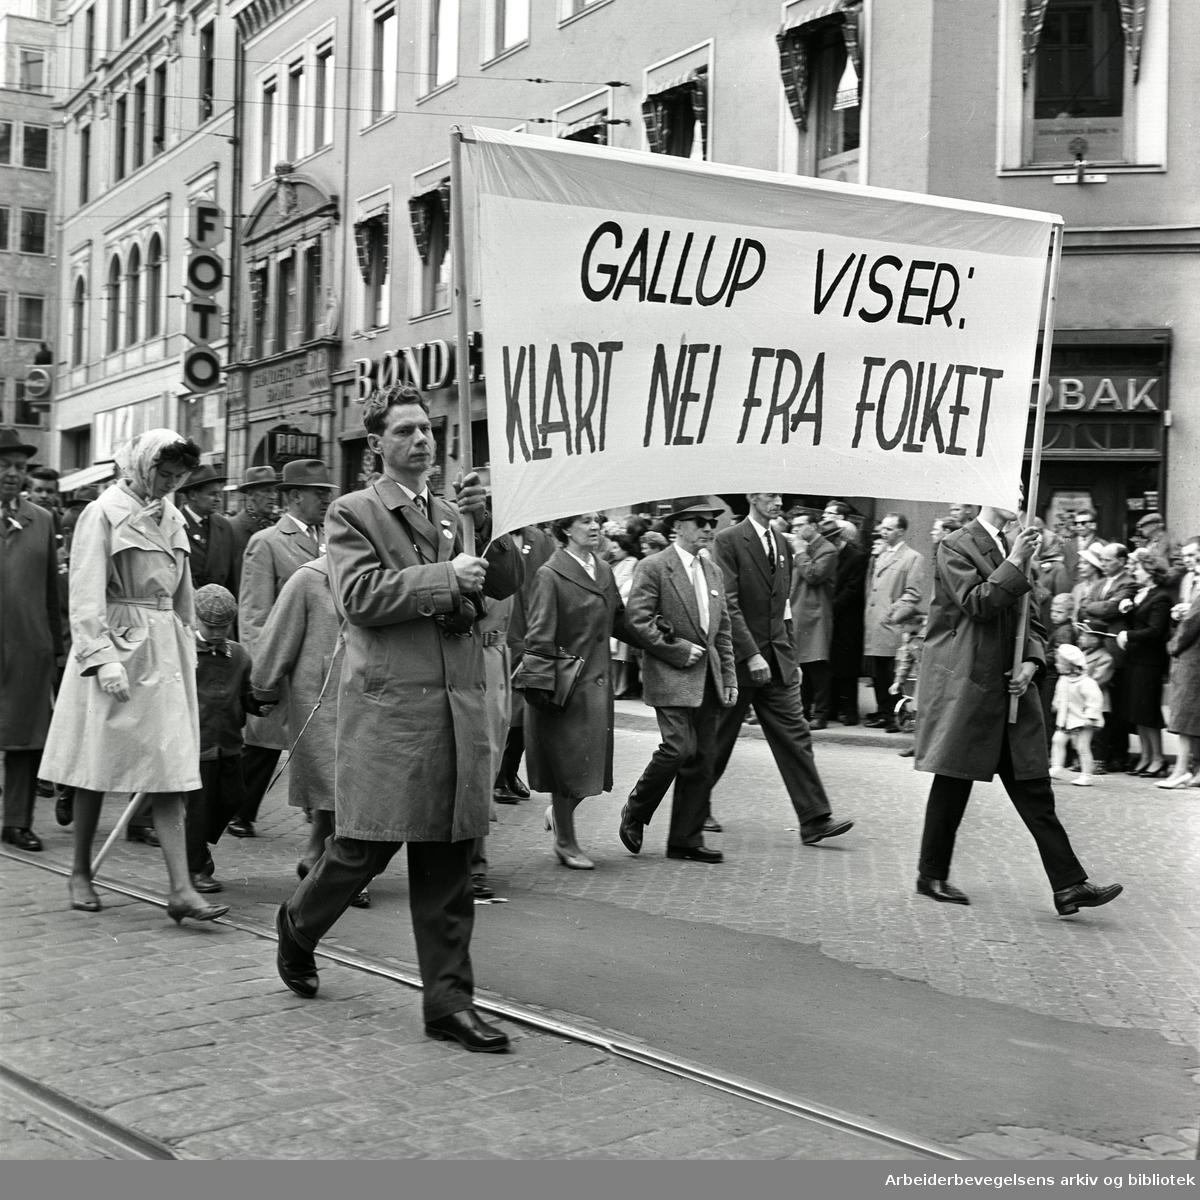 """1. mai 1962 i Oslo.Demonstrasjonstog arrangert av """"Faglig aksjon mot Fellesmarkedet"""" med støtte fra Sosialistisk Folkeparti (SF) og Norges kommunistiske parti (NKP)..Parole: Gallup viser: Klart nei fra folket.."""